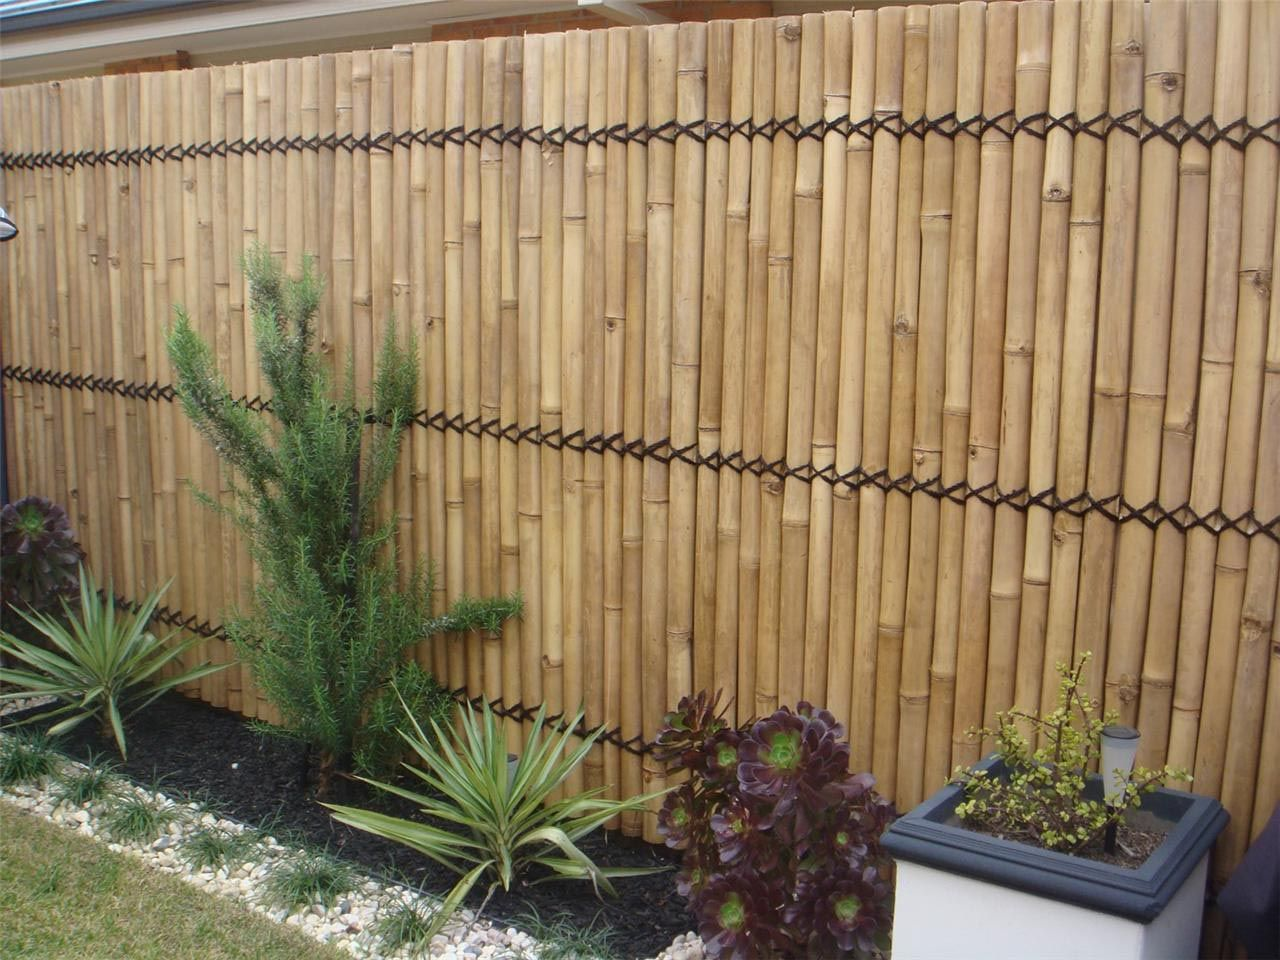 Diy Bamboo Garden Fence With Images Bamboo Garden Fences